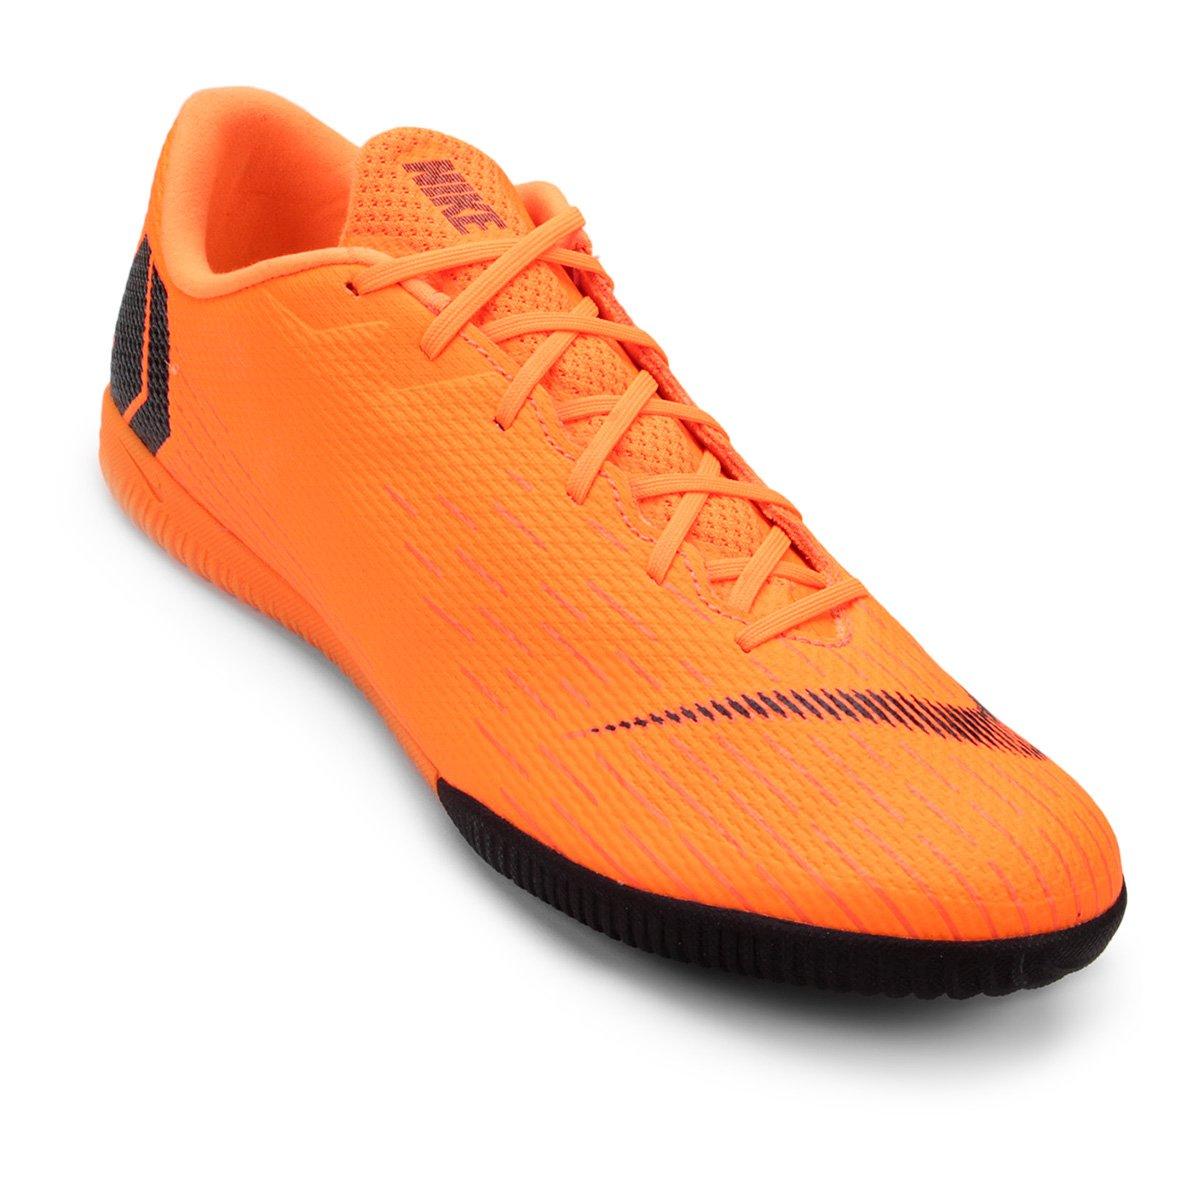 fb320e2e64 Chuteira Futsal Nike Mercurial Vapor 12 Academy - Laranja e Preto - Compre  Agora